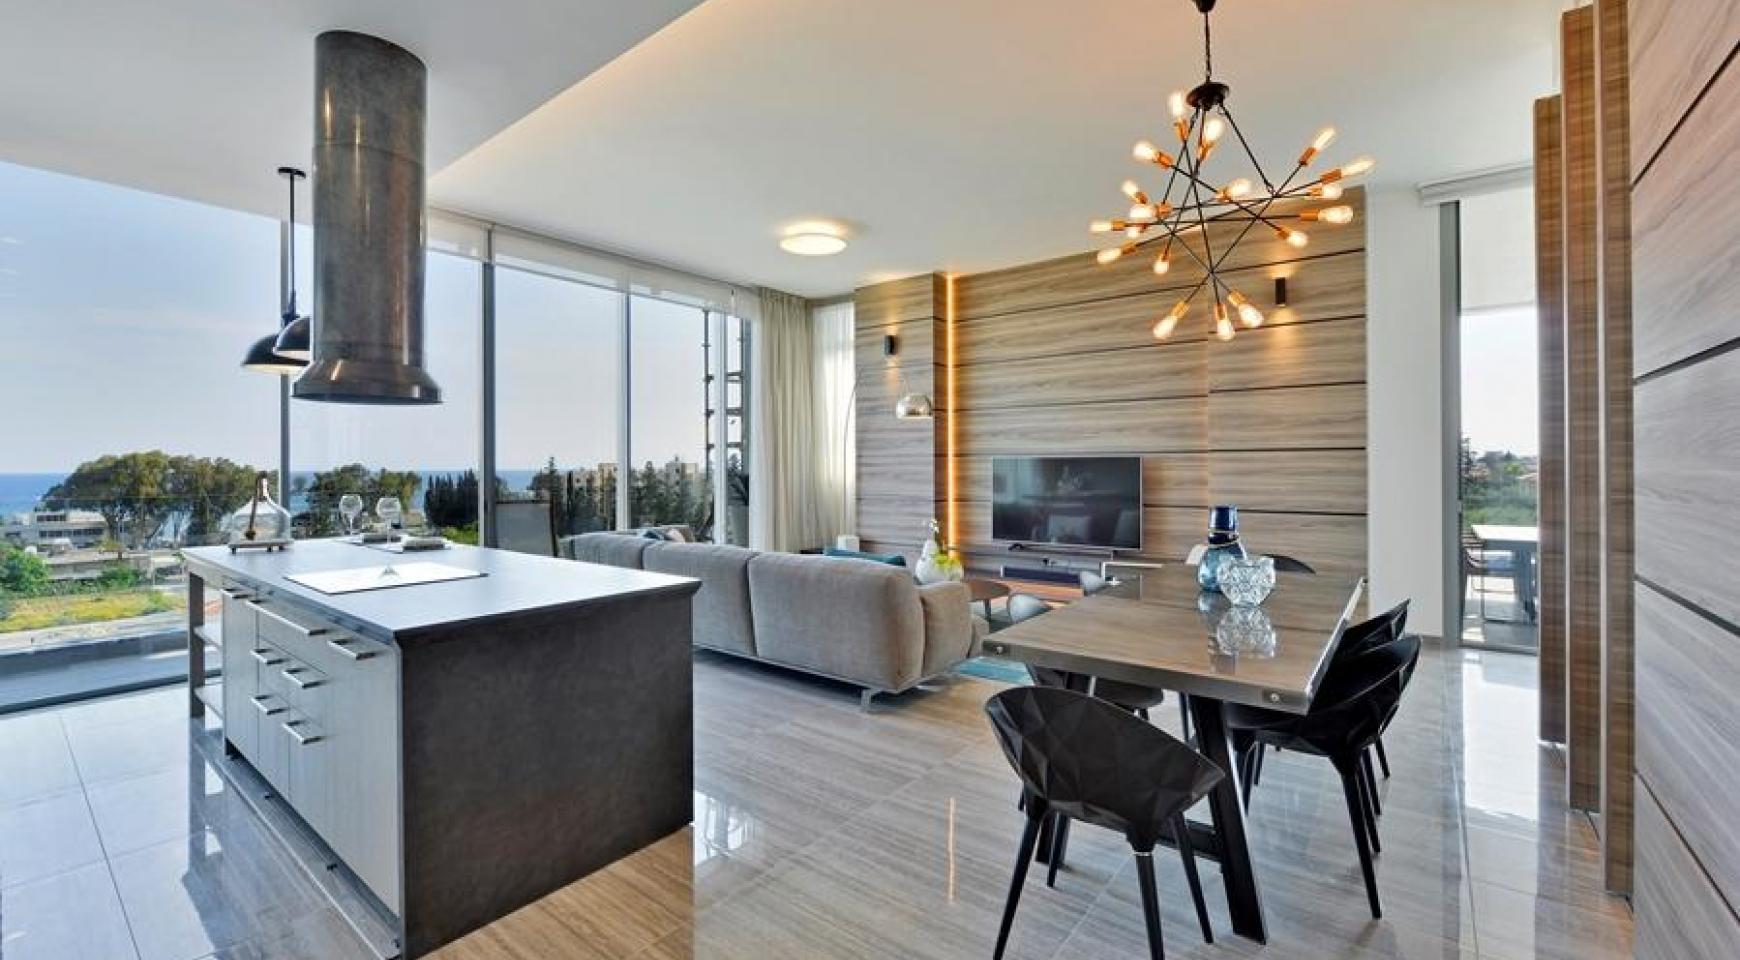 Πολυτελές διαμέρισμα 2 υπνοδωματίων με ταράτσα στο νεόδμητο συγκρότημα - 5